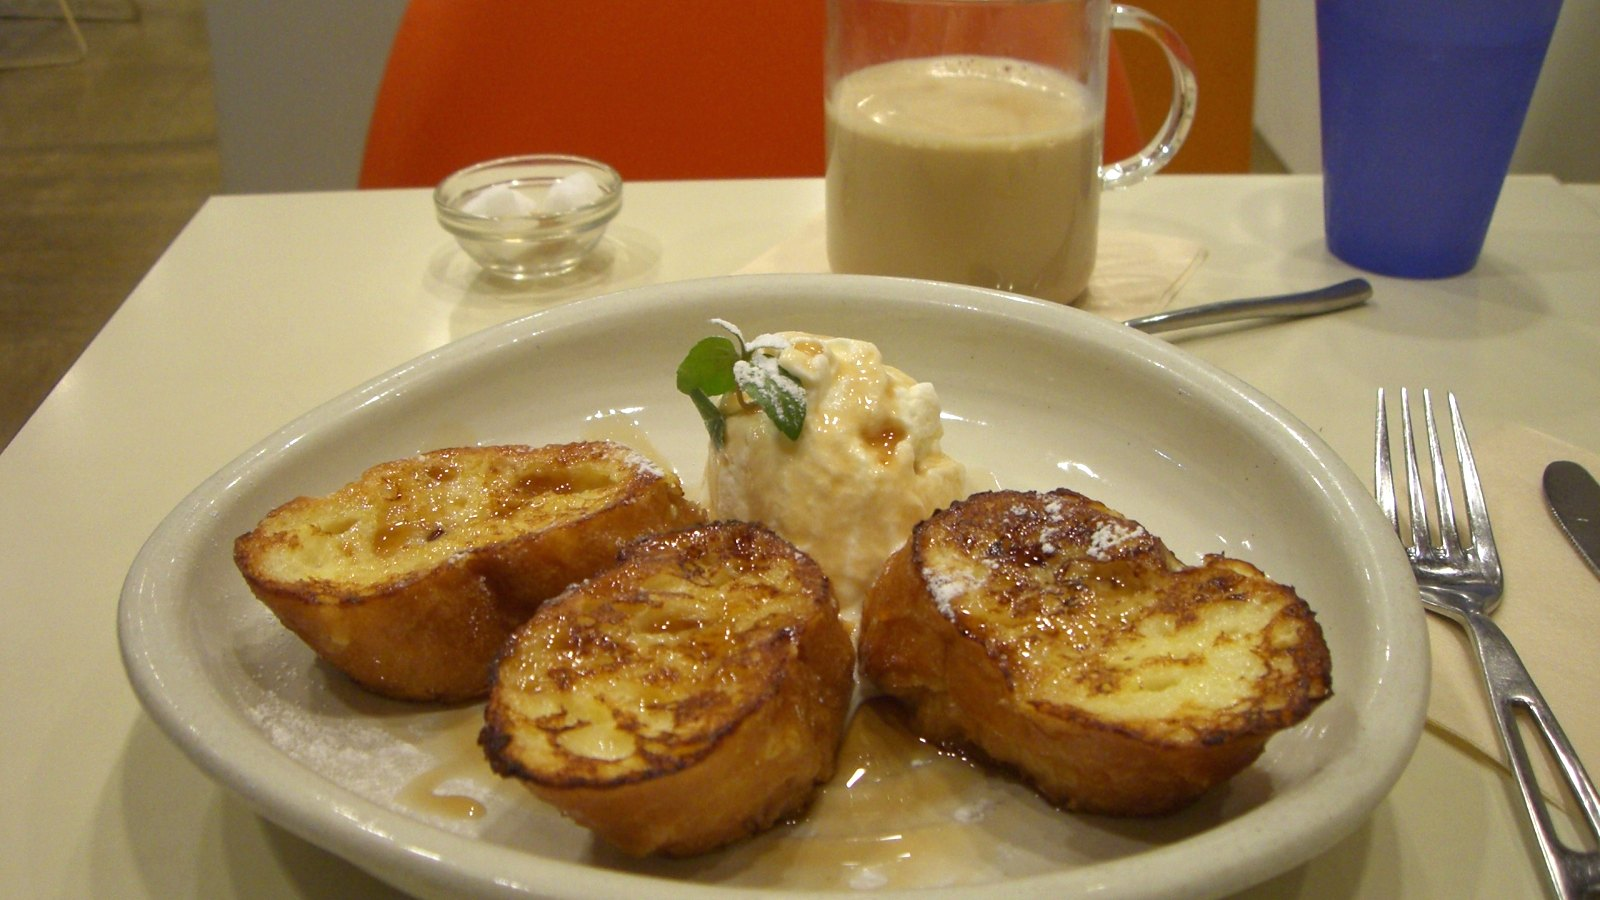 仕事のリフレッシュに吉祥寺のカフェで美味フレンチトースト